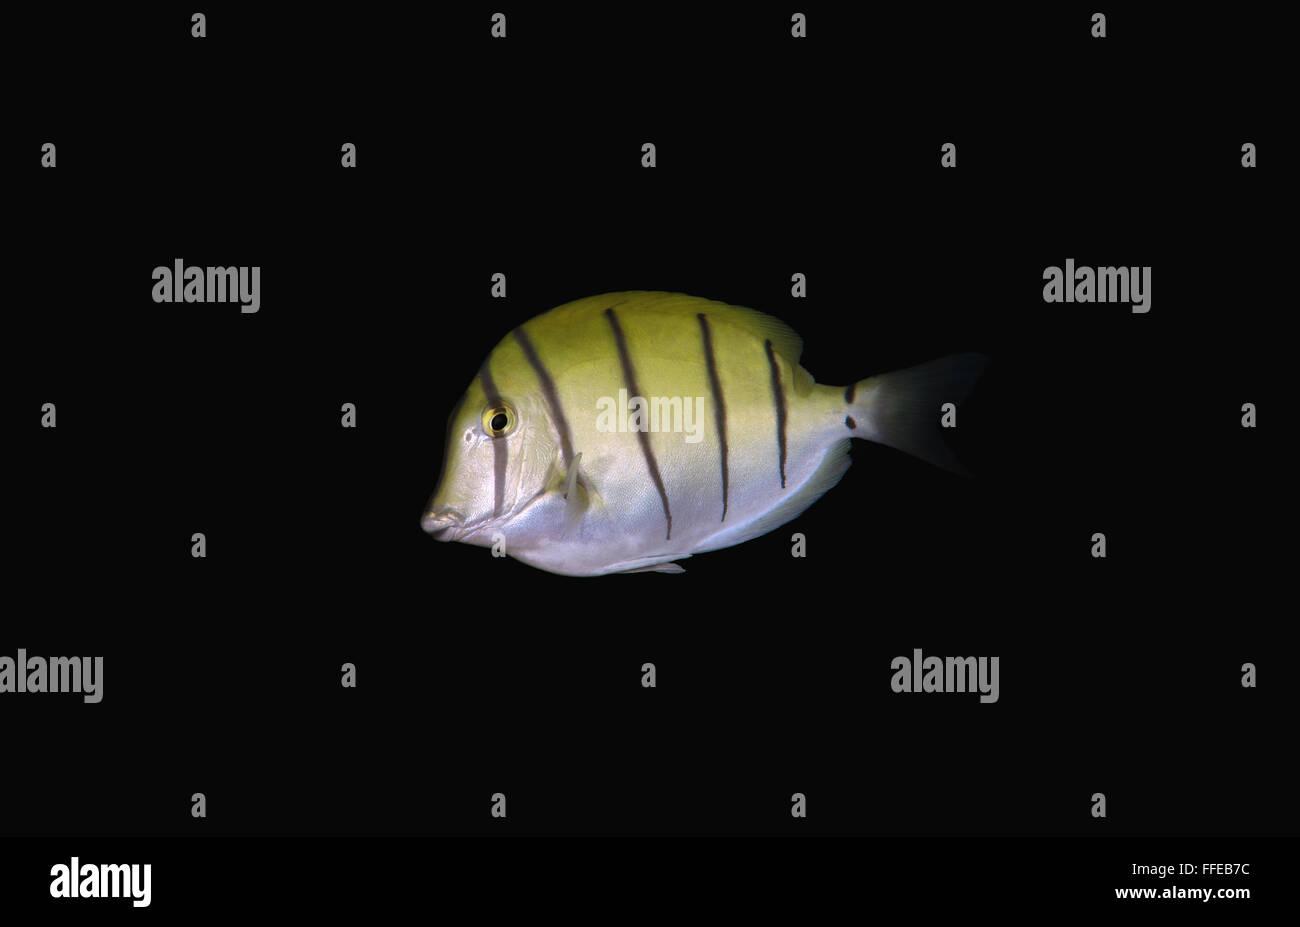 Convict tang, Convict surgeon or Convict surgeonfish (Acanthurus triostegus) Indian Ocean, Hikkaduwa, Sri Lanka, - Stock Image